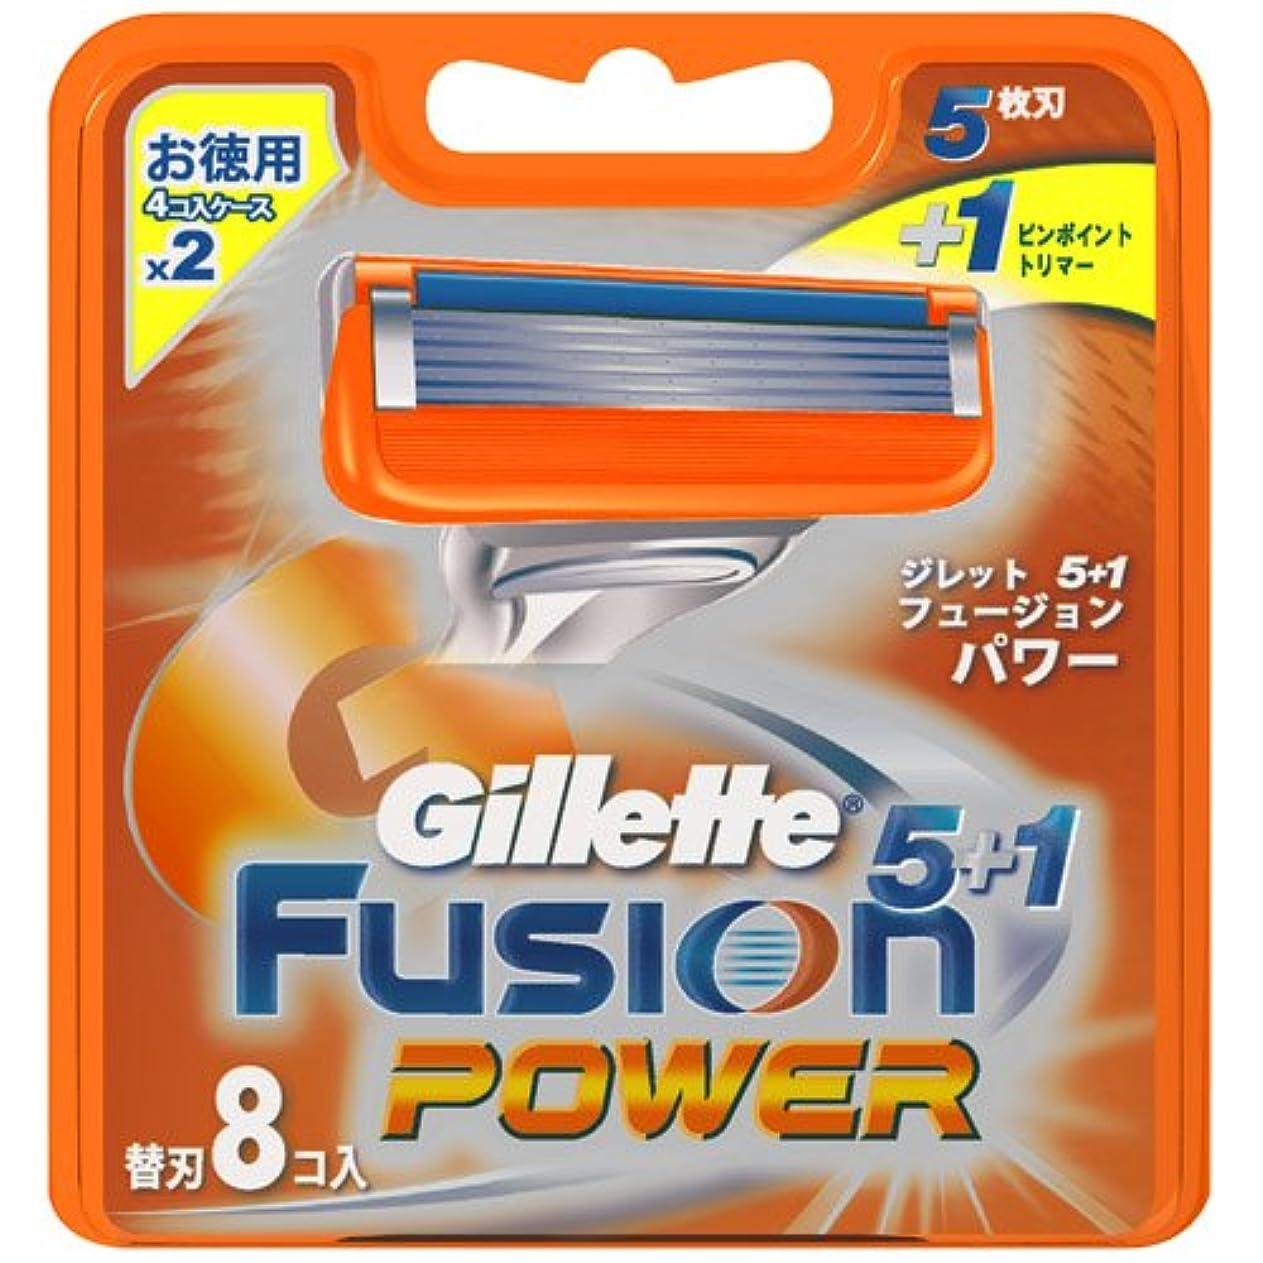 アーティファクト別に別々にジレット フュージョン5+1パワー 専用替刃 8B